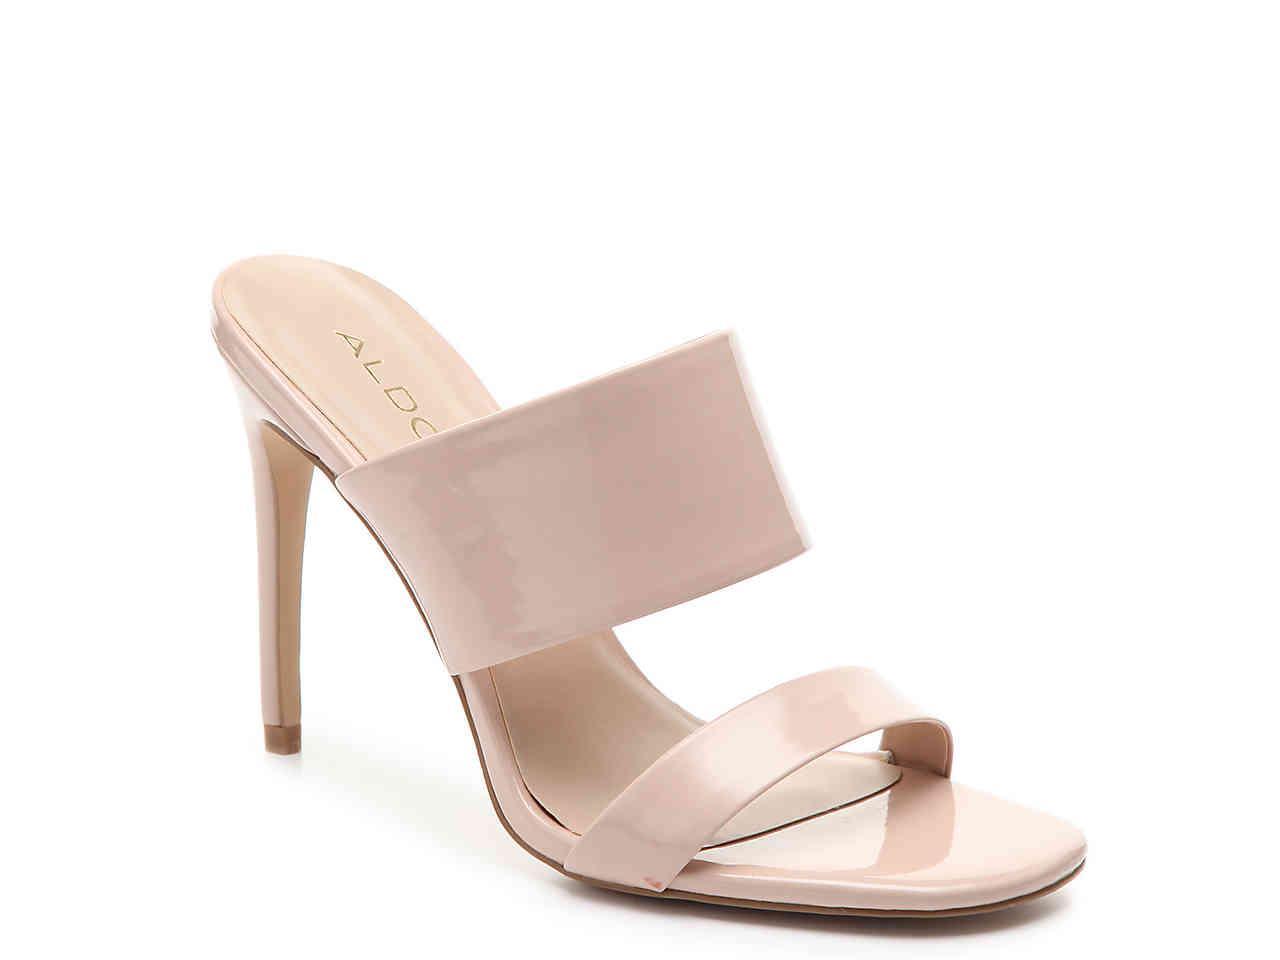 92608775030 Lyst - ALDO Froema Sandal in Purple